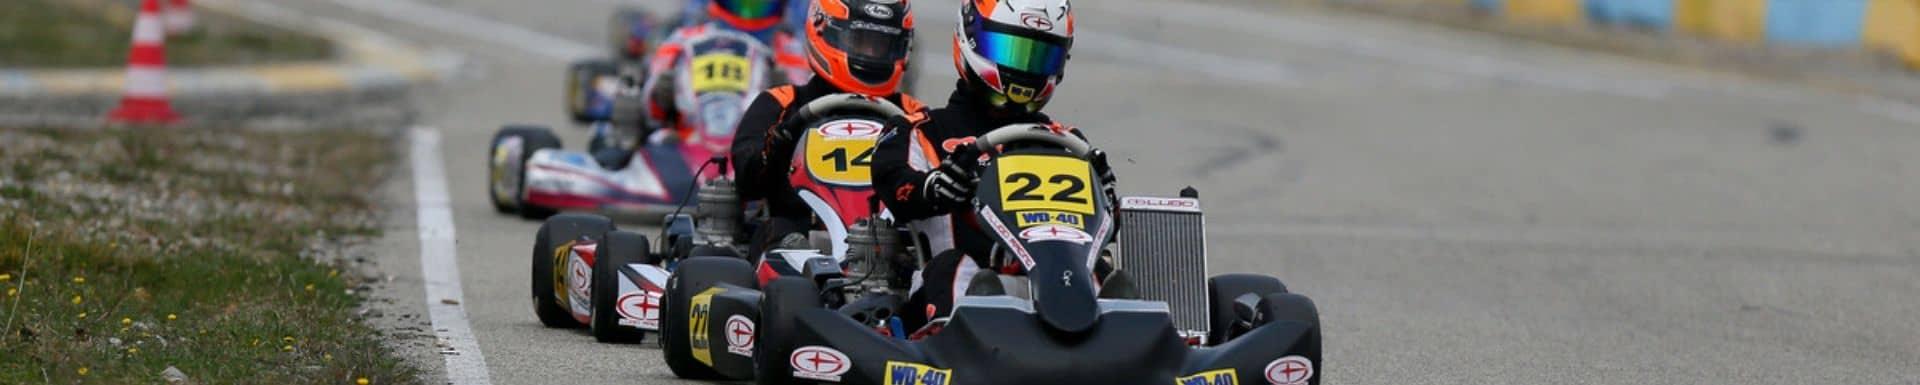 karting alexis garcin